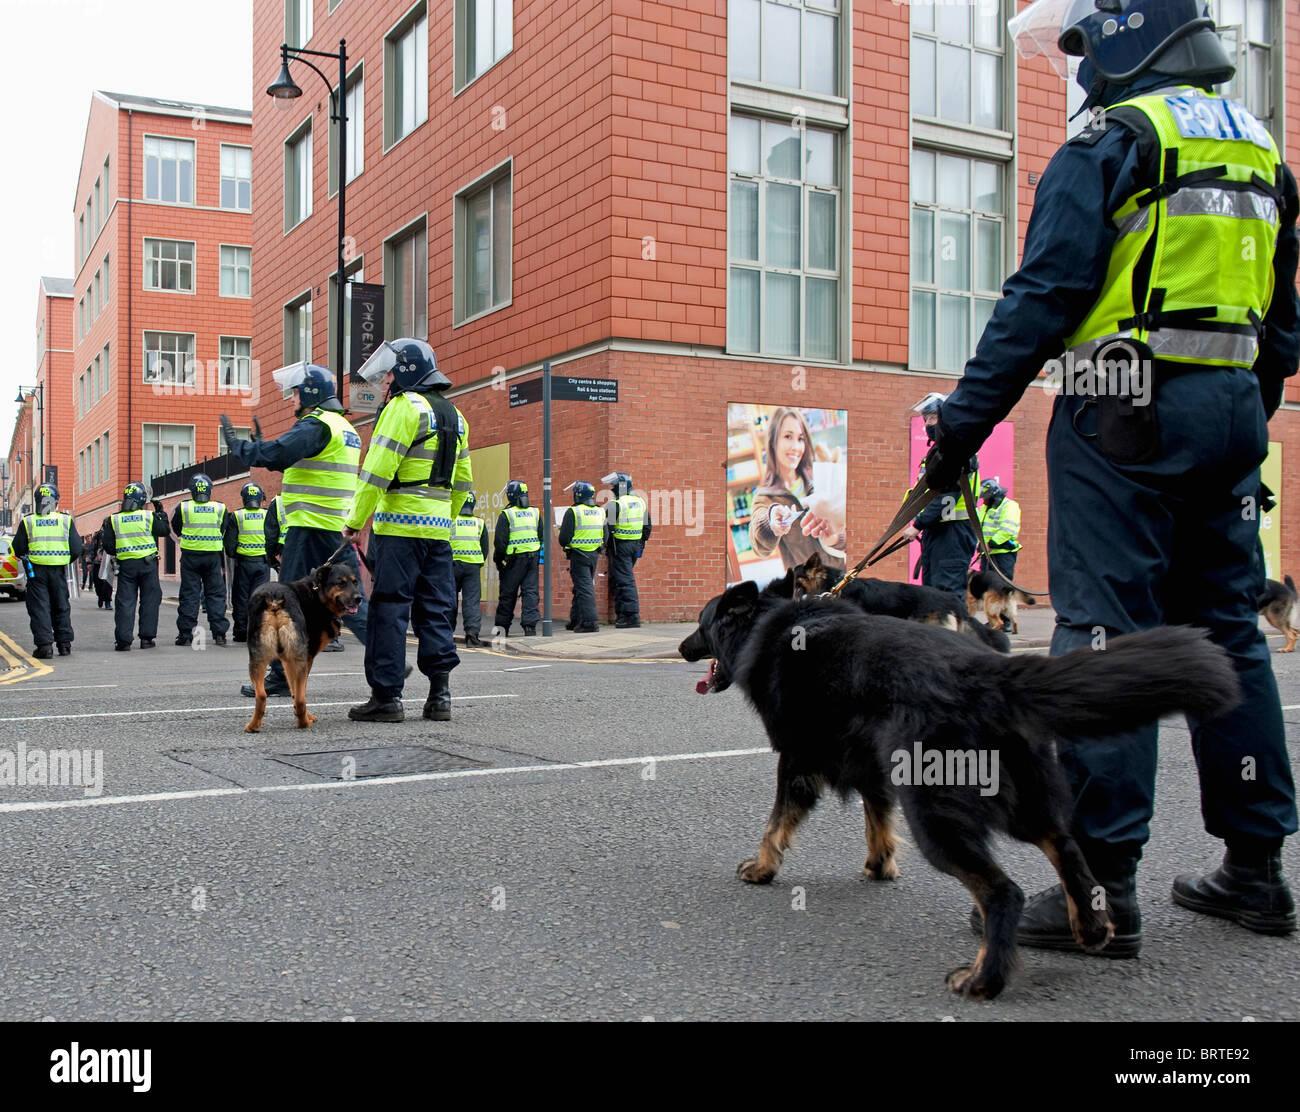 Polizia unità cane guardia come la difesa inglese League dimostrare a Leicester. Il 9 ottobre 2010. Immagini Stock